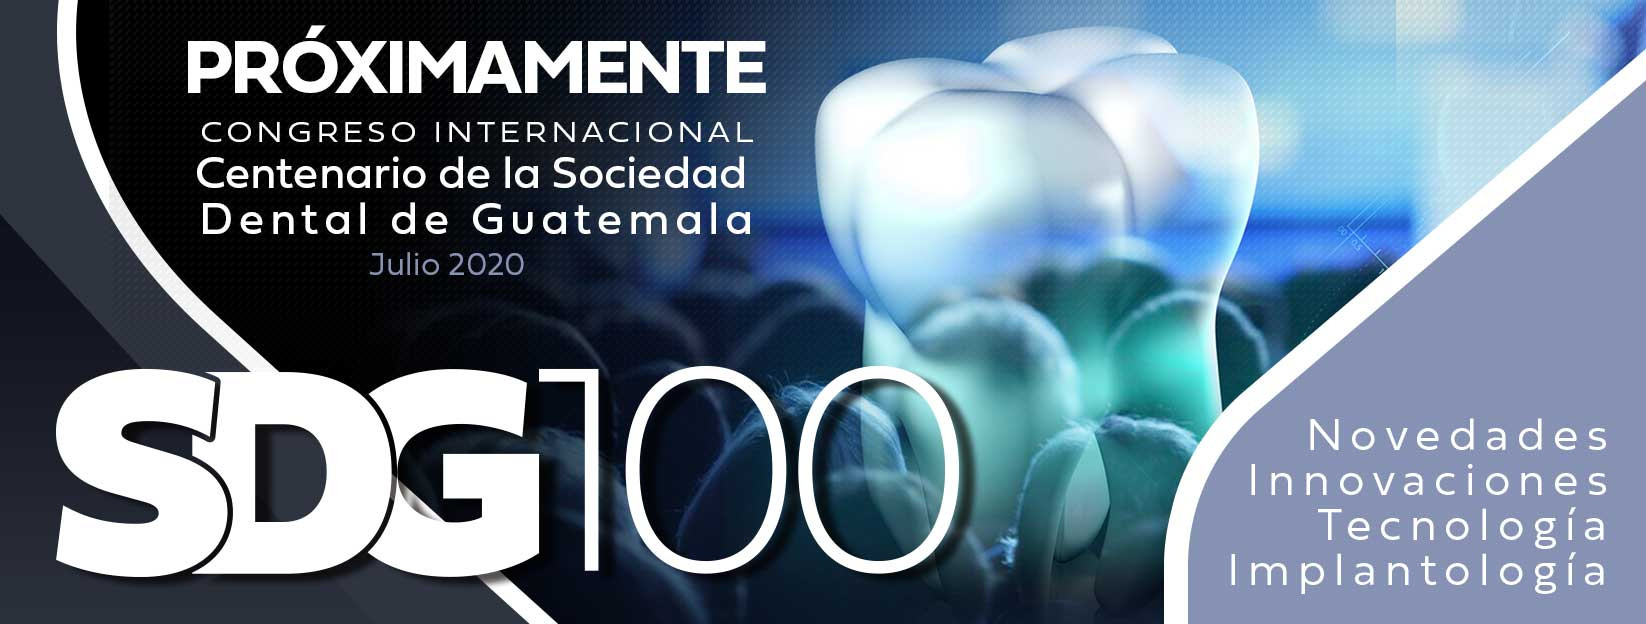 Congreso Internacional Sociedad Dental 100 años